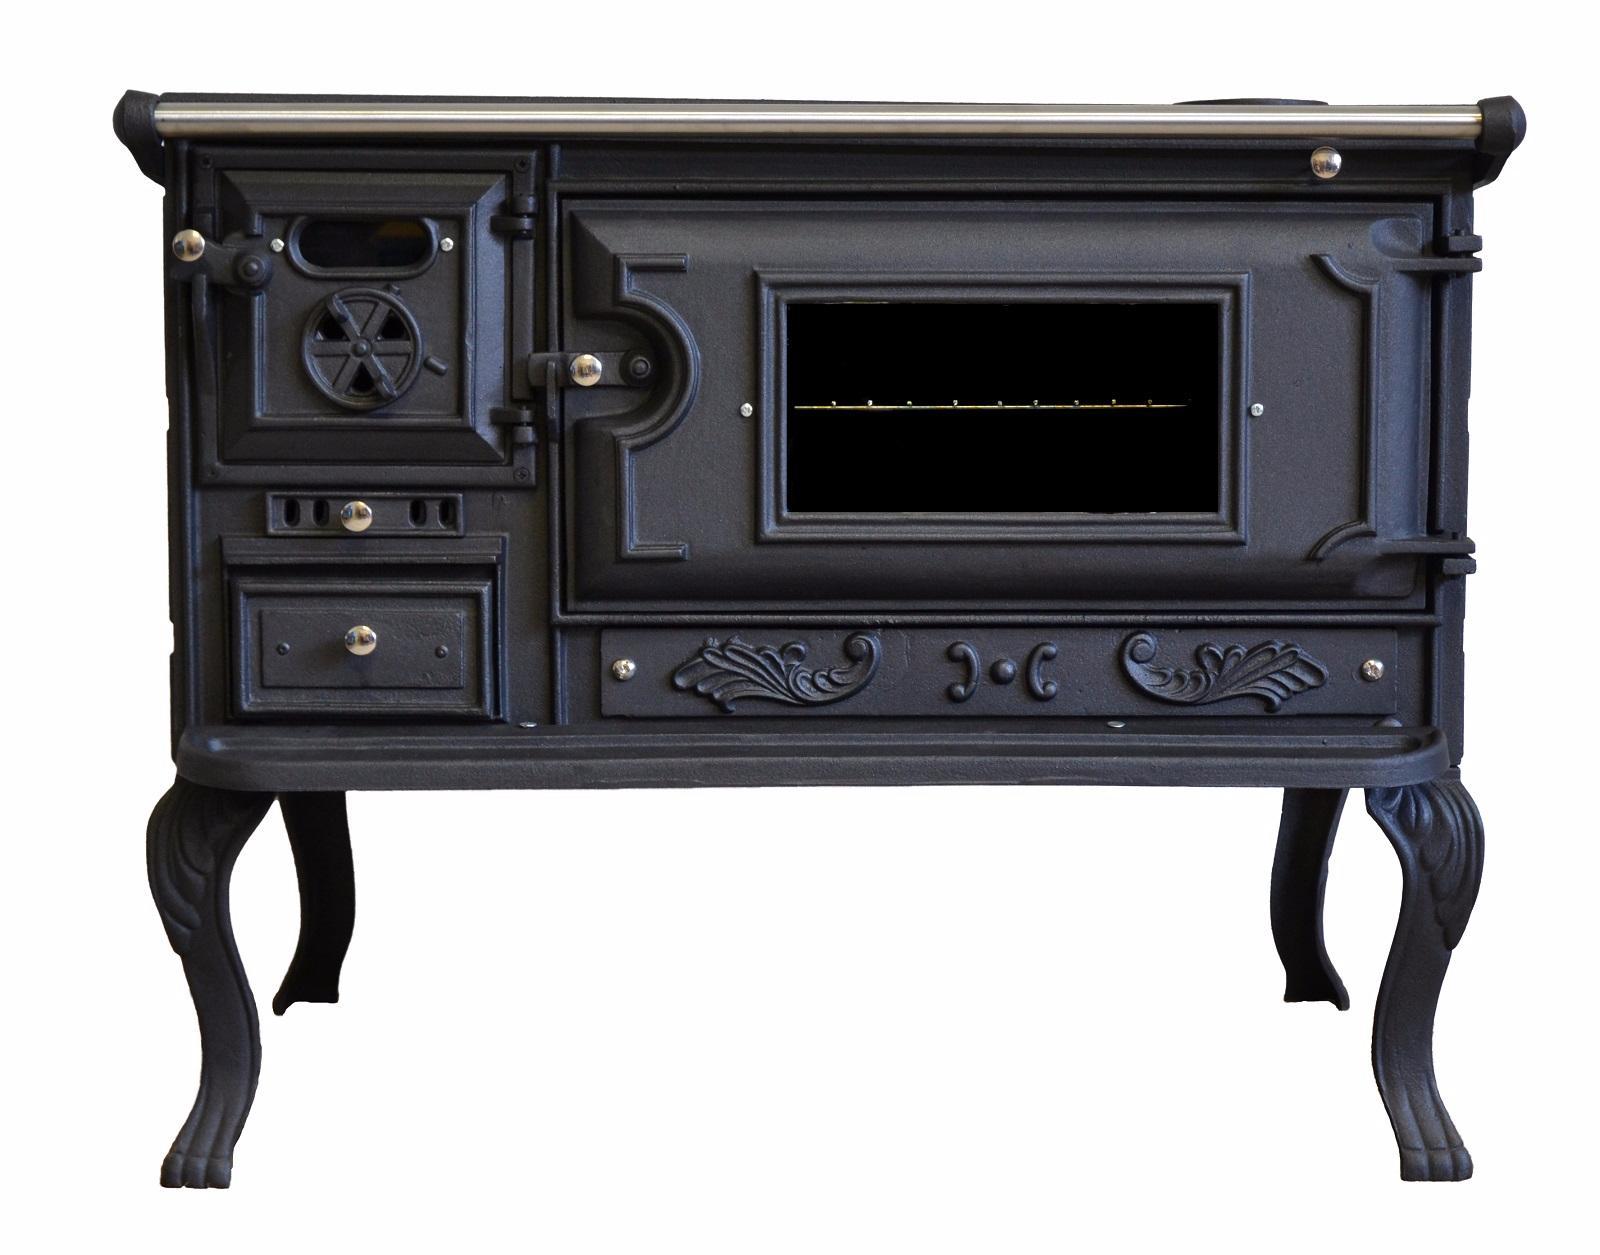 Cucina stufa con ampio forno a legna viometalko messina in - Cucina a legna con forno ...